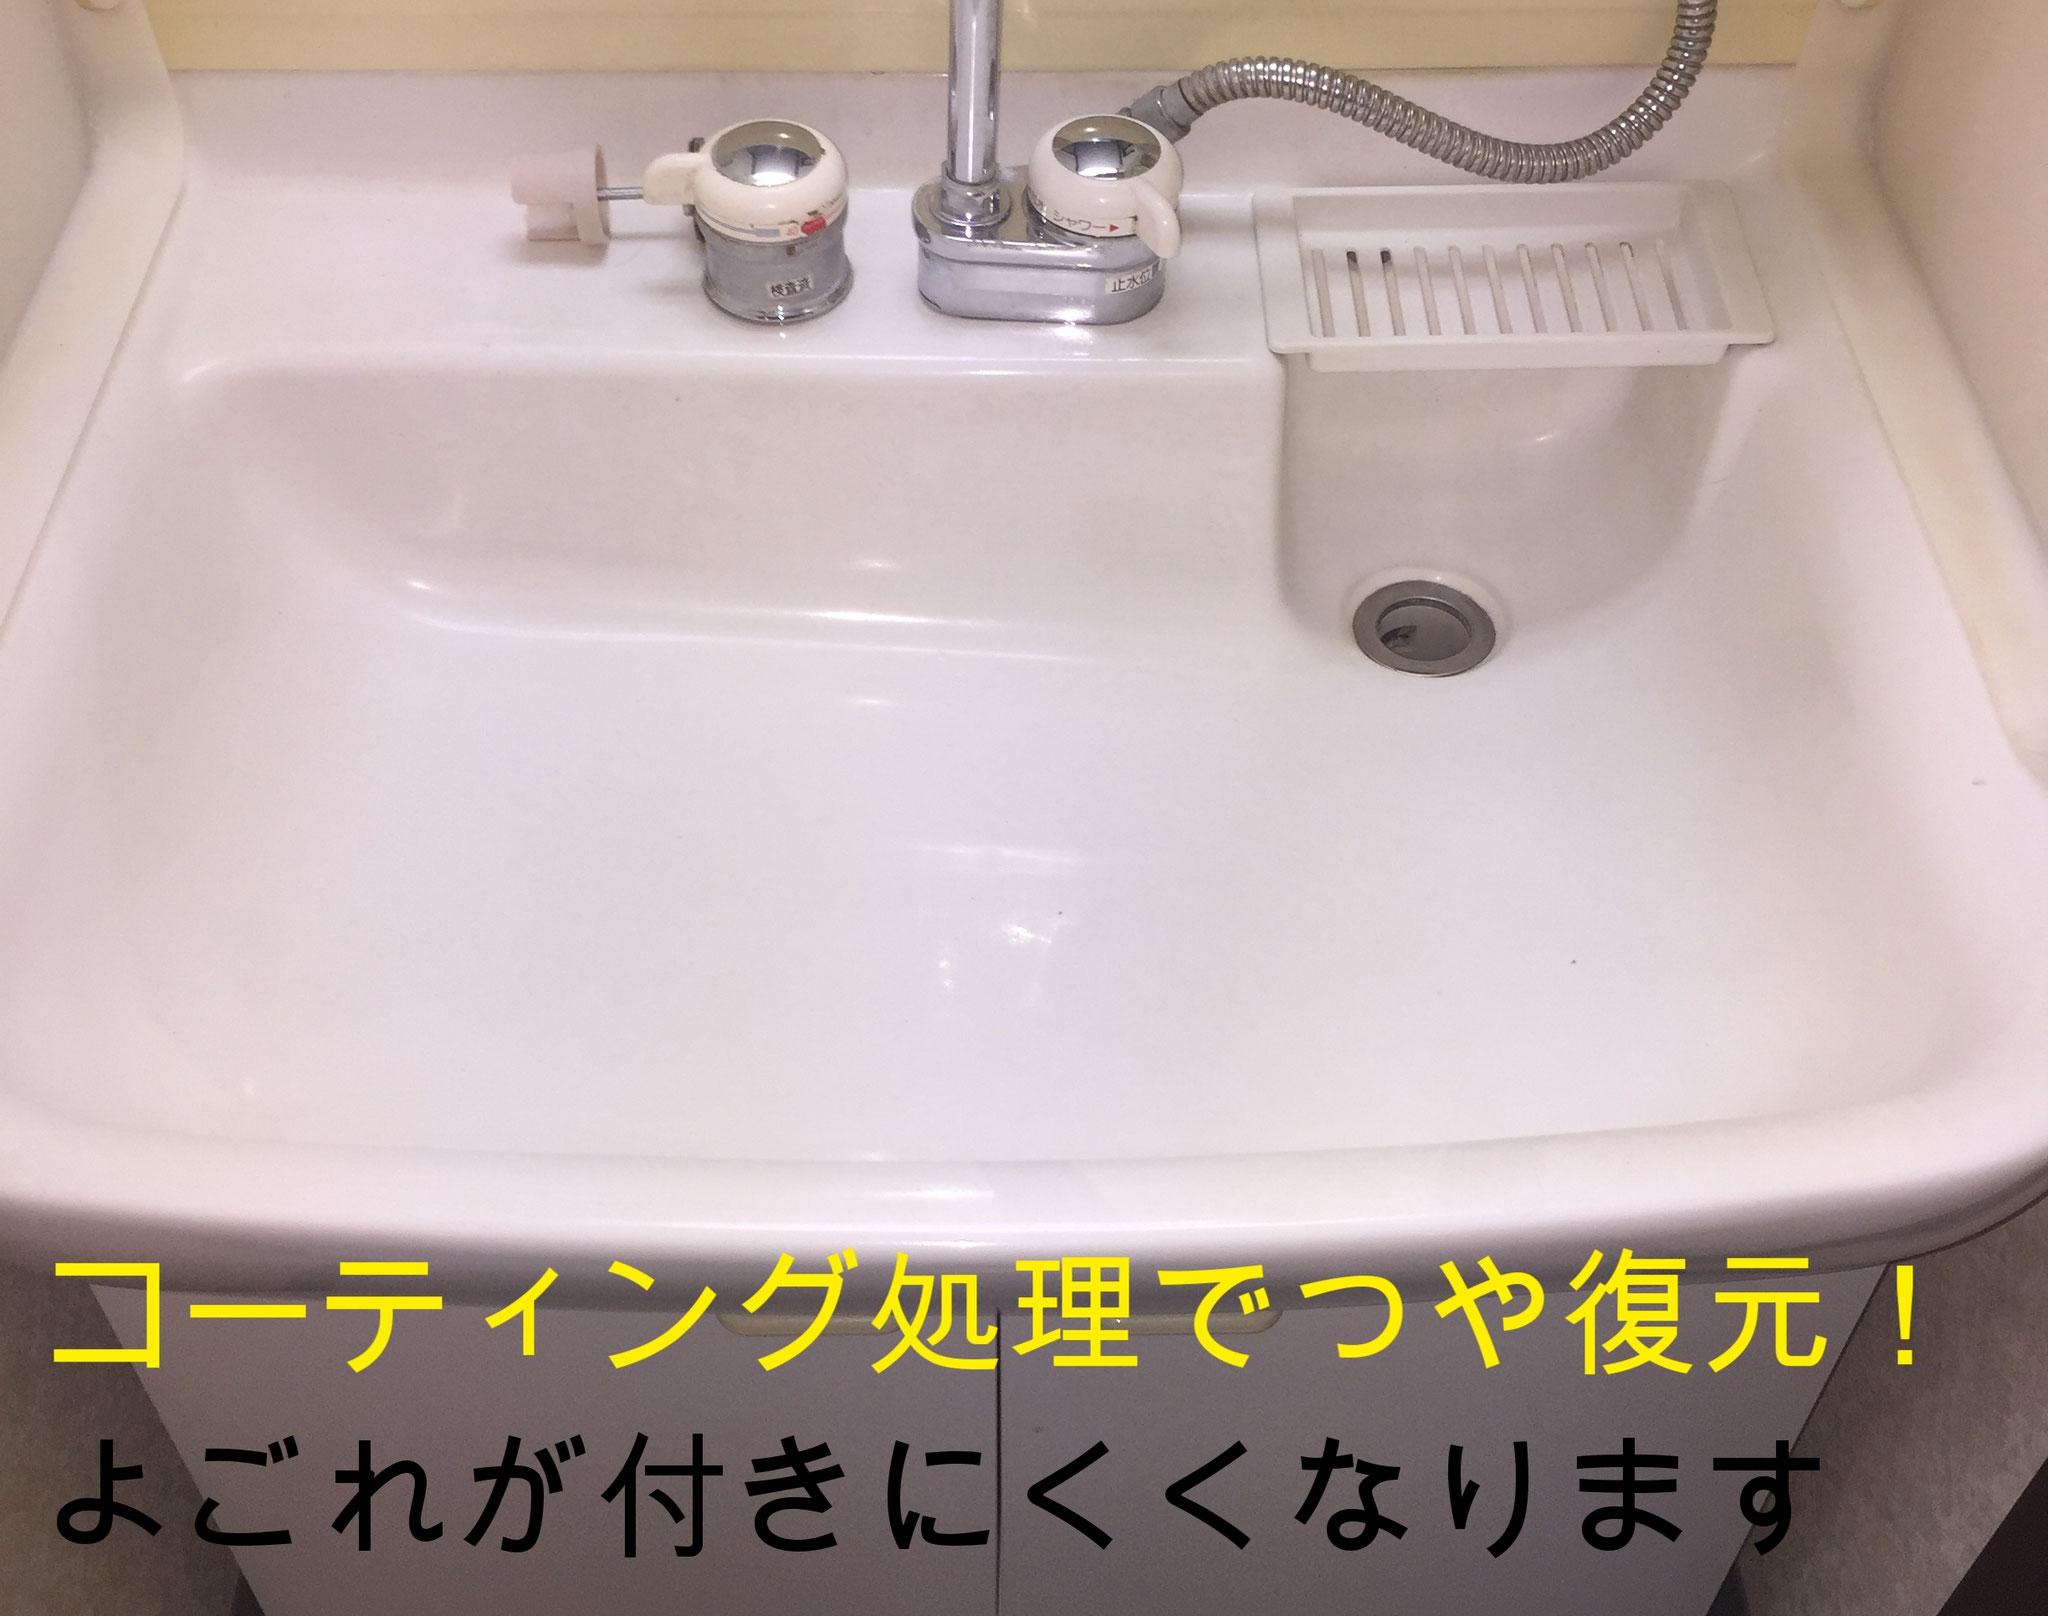 洗面台はいつもキレイぴかピッカが気持ち良いものです。コーティング処理でお掃除をもっと楽にします